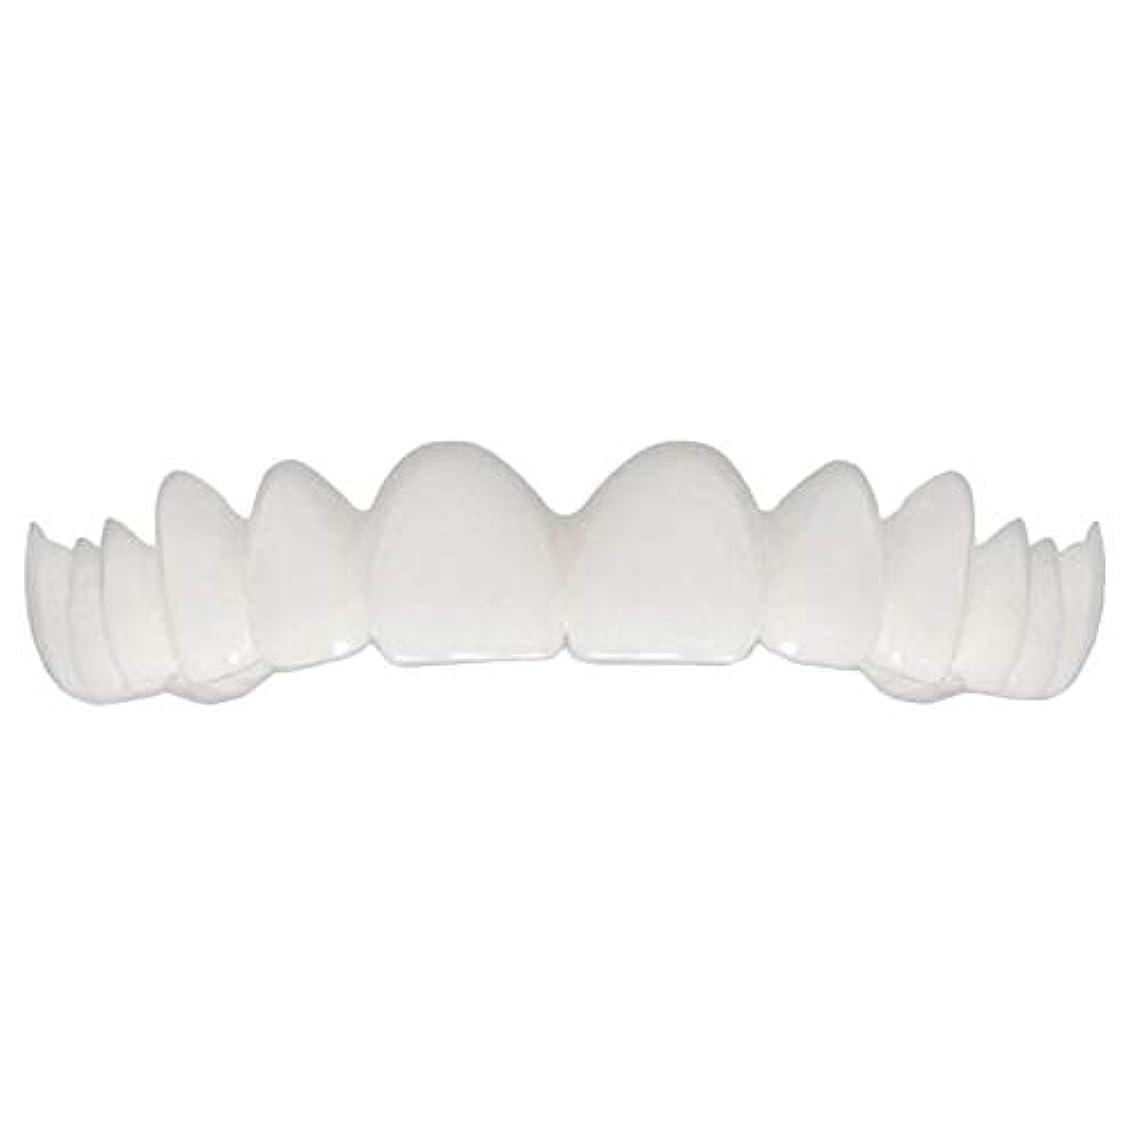 現実にはベッドを作るワイドユニセックスシリコン模擬義歯、ホワイトニングフィット義歯(2pcs),Upper